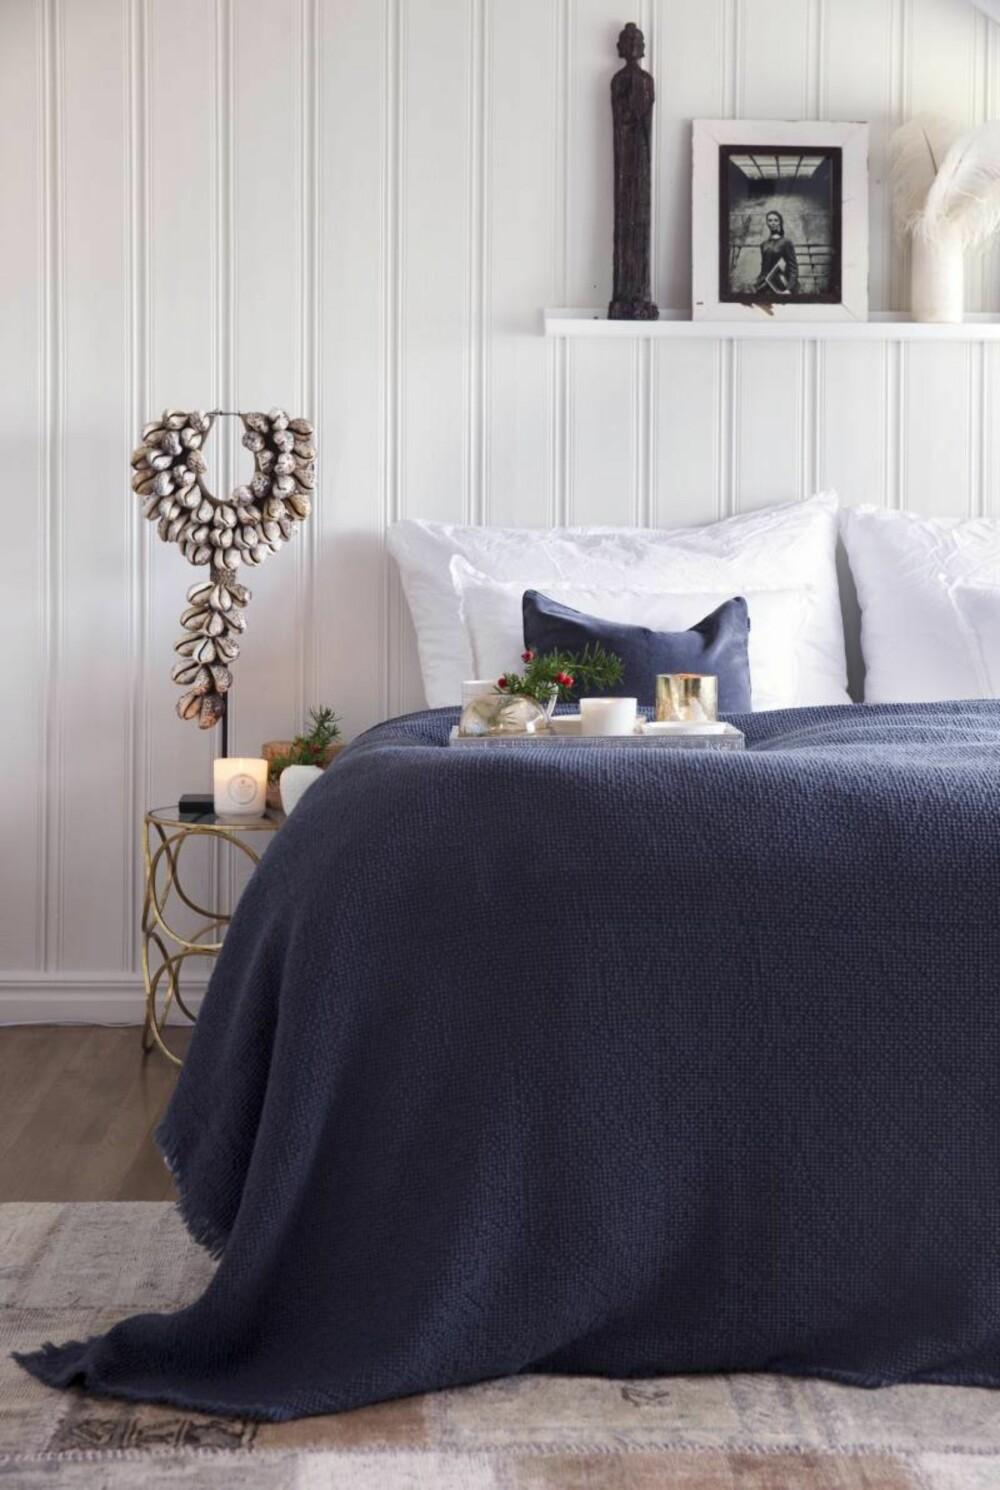 Sov søtt. Også på soverommet er balanse et stikkord. Lyse vegger gir rommet et luftig og lett preg, og de dype blåtonene gjør rommet  til et godt sted å hvile. Nattbordet og skjelldekoren er fra Anouska, og sengeteppet og putene er fra corneliashus.no. Styling: Tone Kroken.